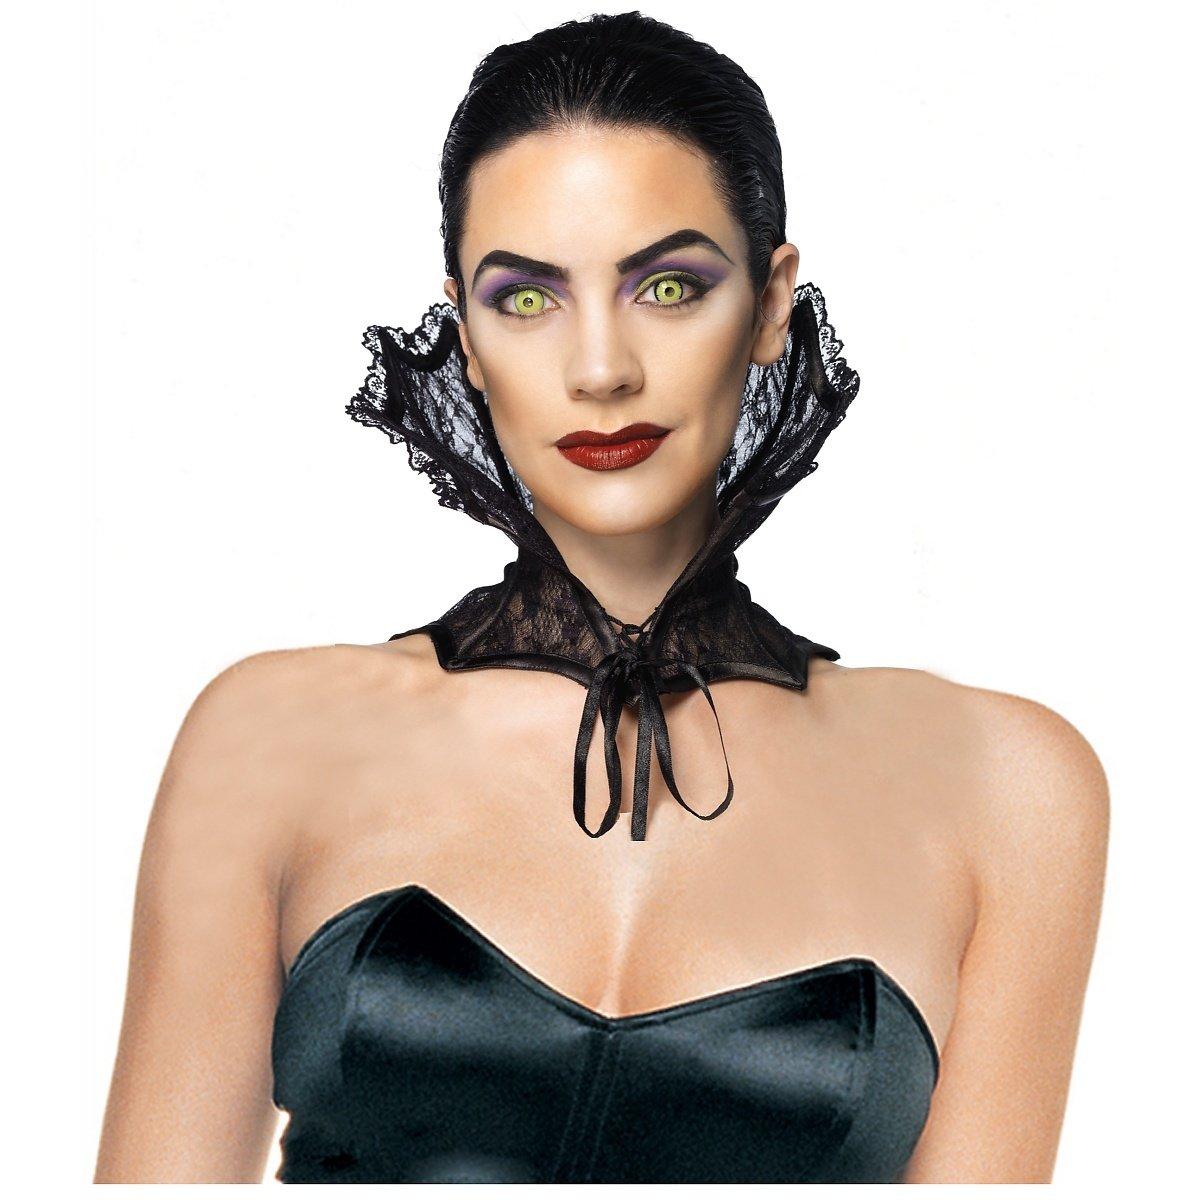 Leg Avenue Lace Corset Collar Costume Accessory, Black, One Size